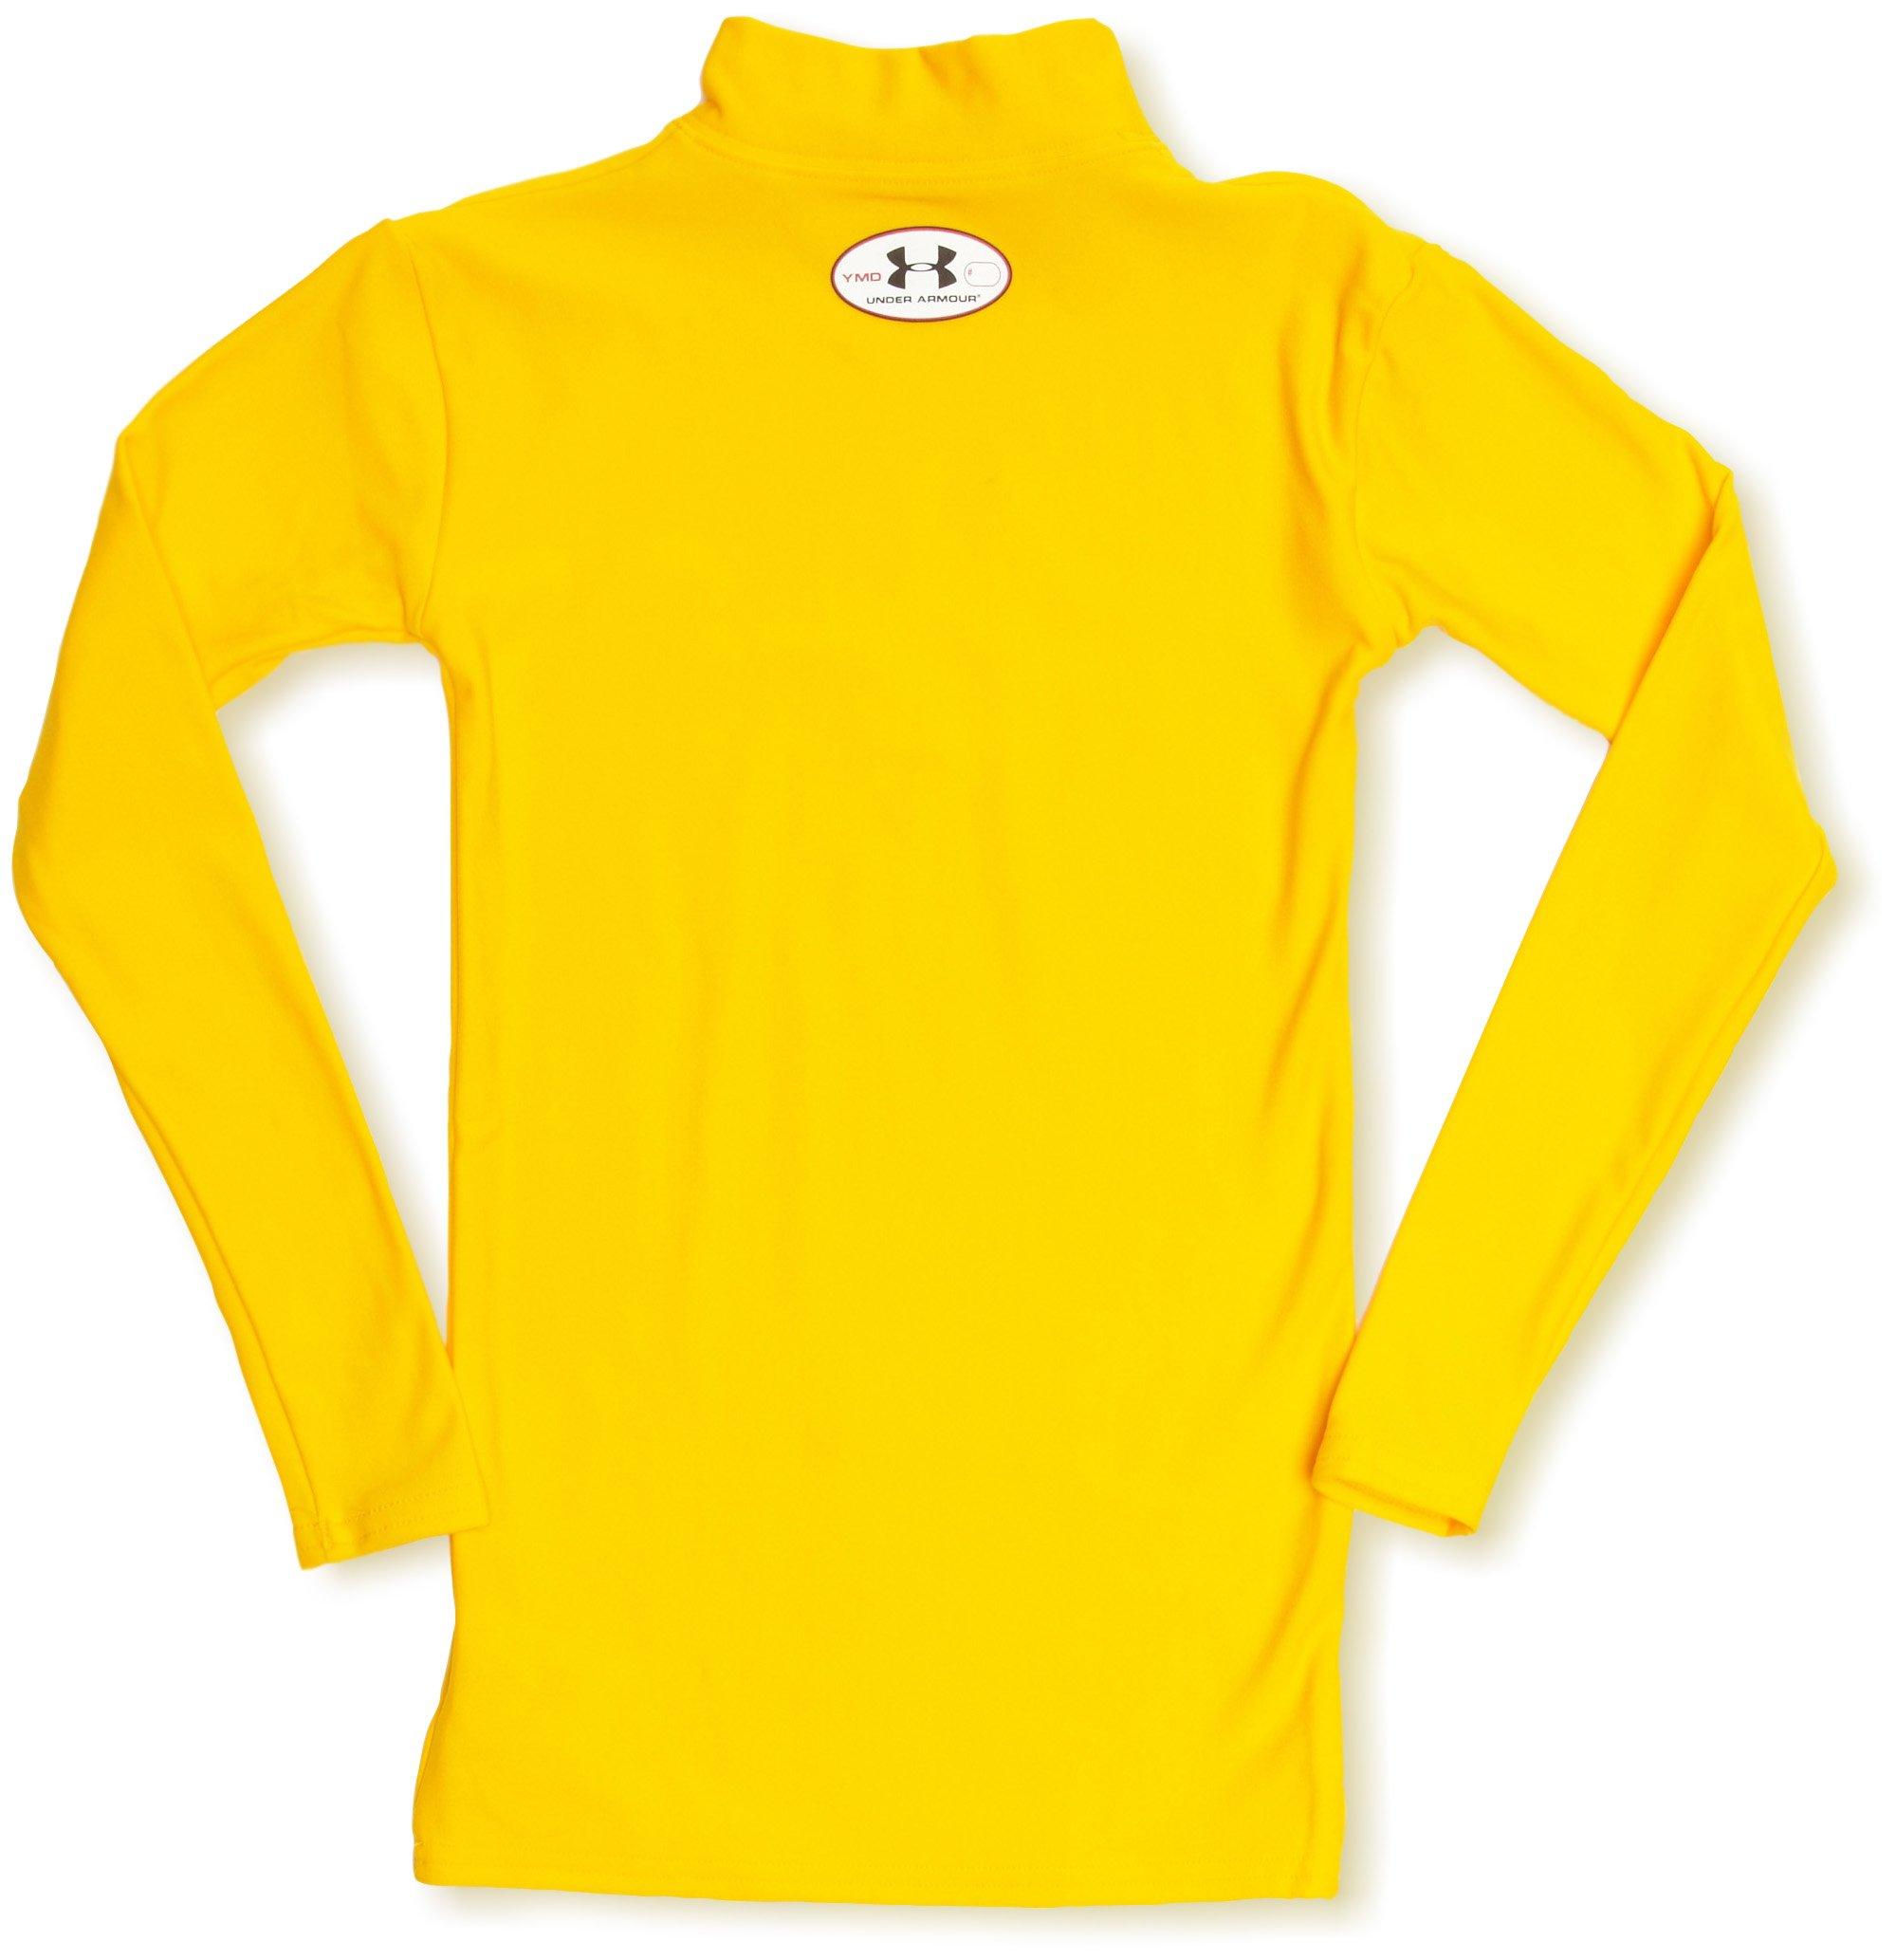 Under Armour UnderArmour-Maglietta da ragazzo, taglia XL, colore: Bianco, giallo, 10 anni